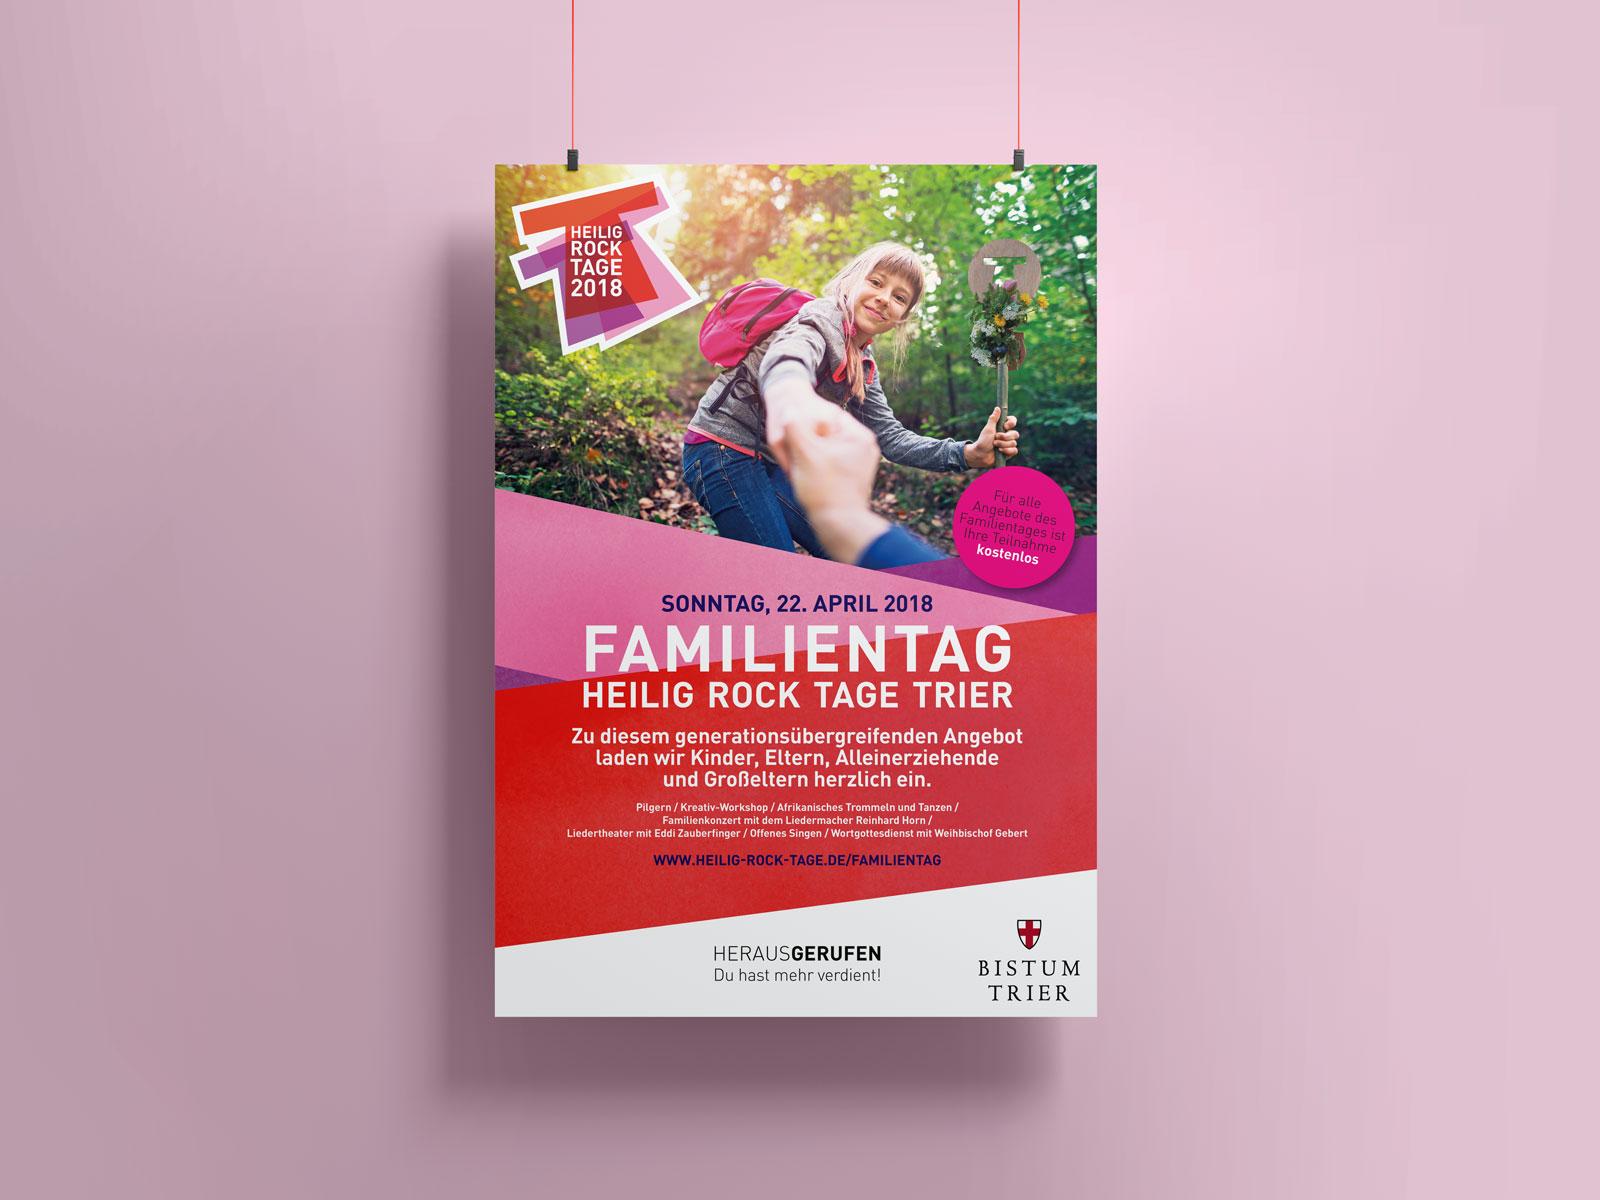 Poster Familientag, Heilig Rock Tage